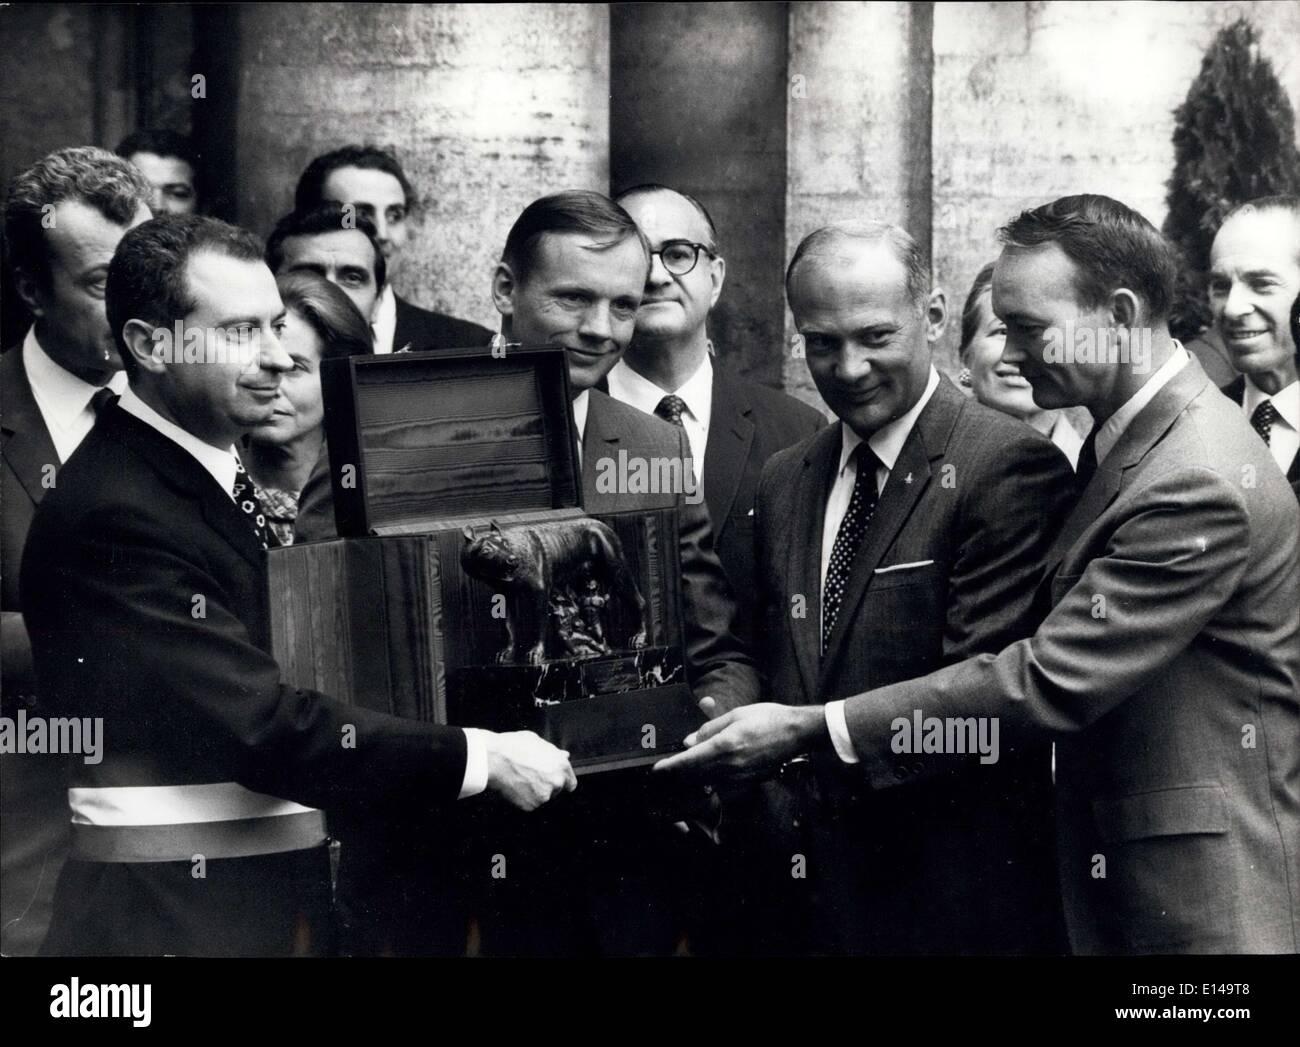 17. April 2012 - Thevisit von der amerikanischen Spaceman in Rom: Neil Armstrong, Edwin Aldrin und Michael Collins, der Pacemen von der Stockbild